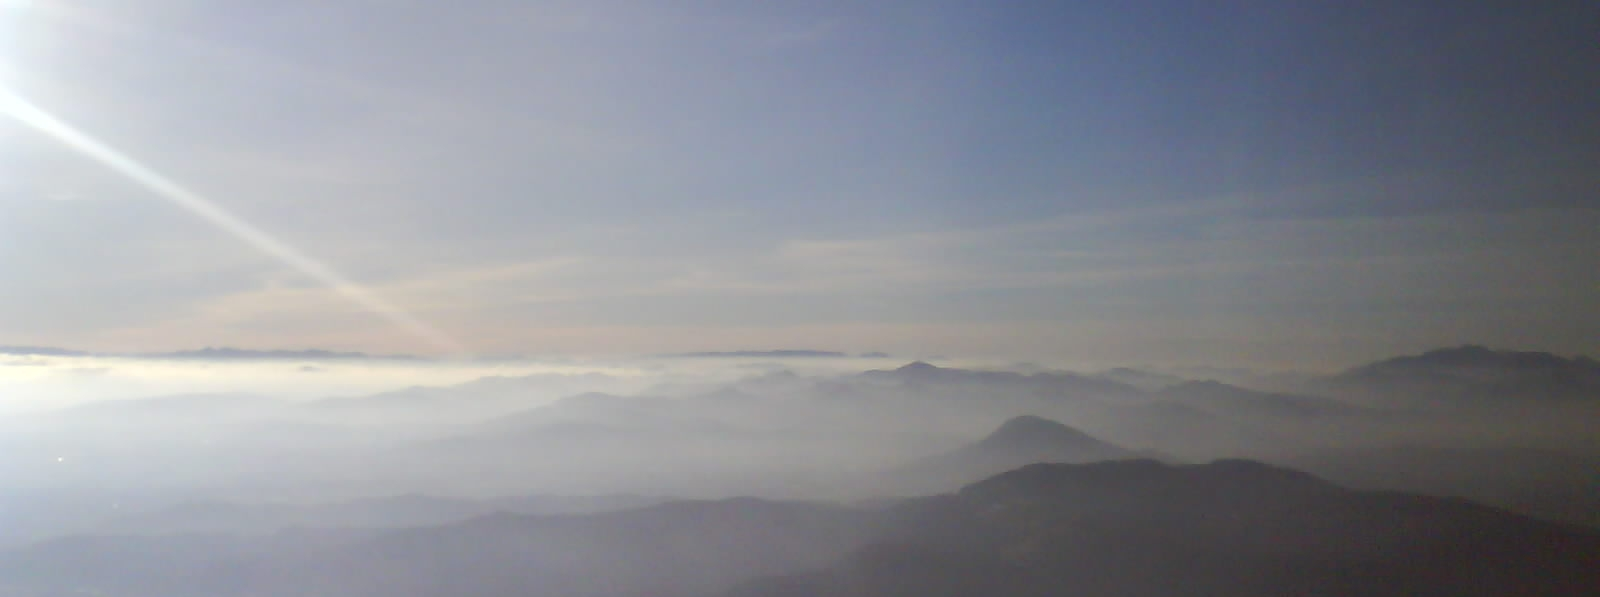 mer de nuages en slovénie